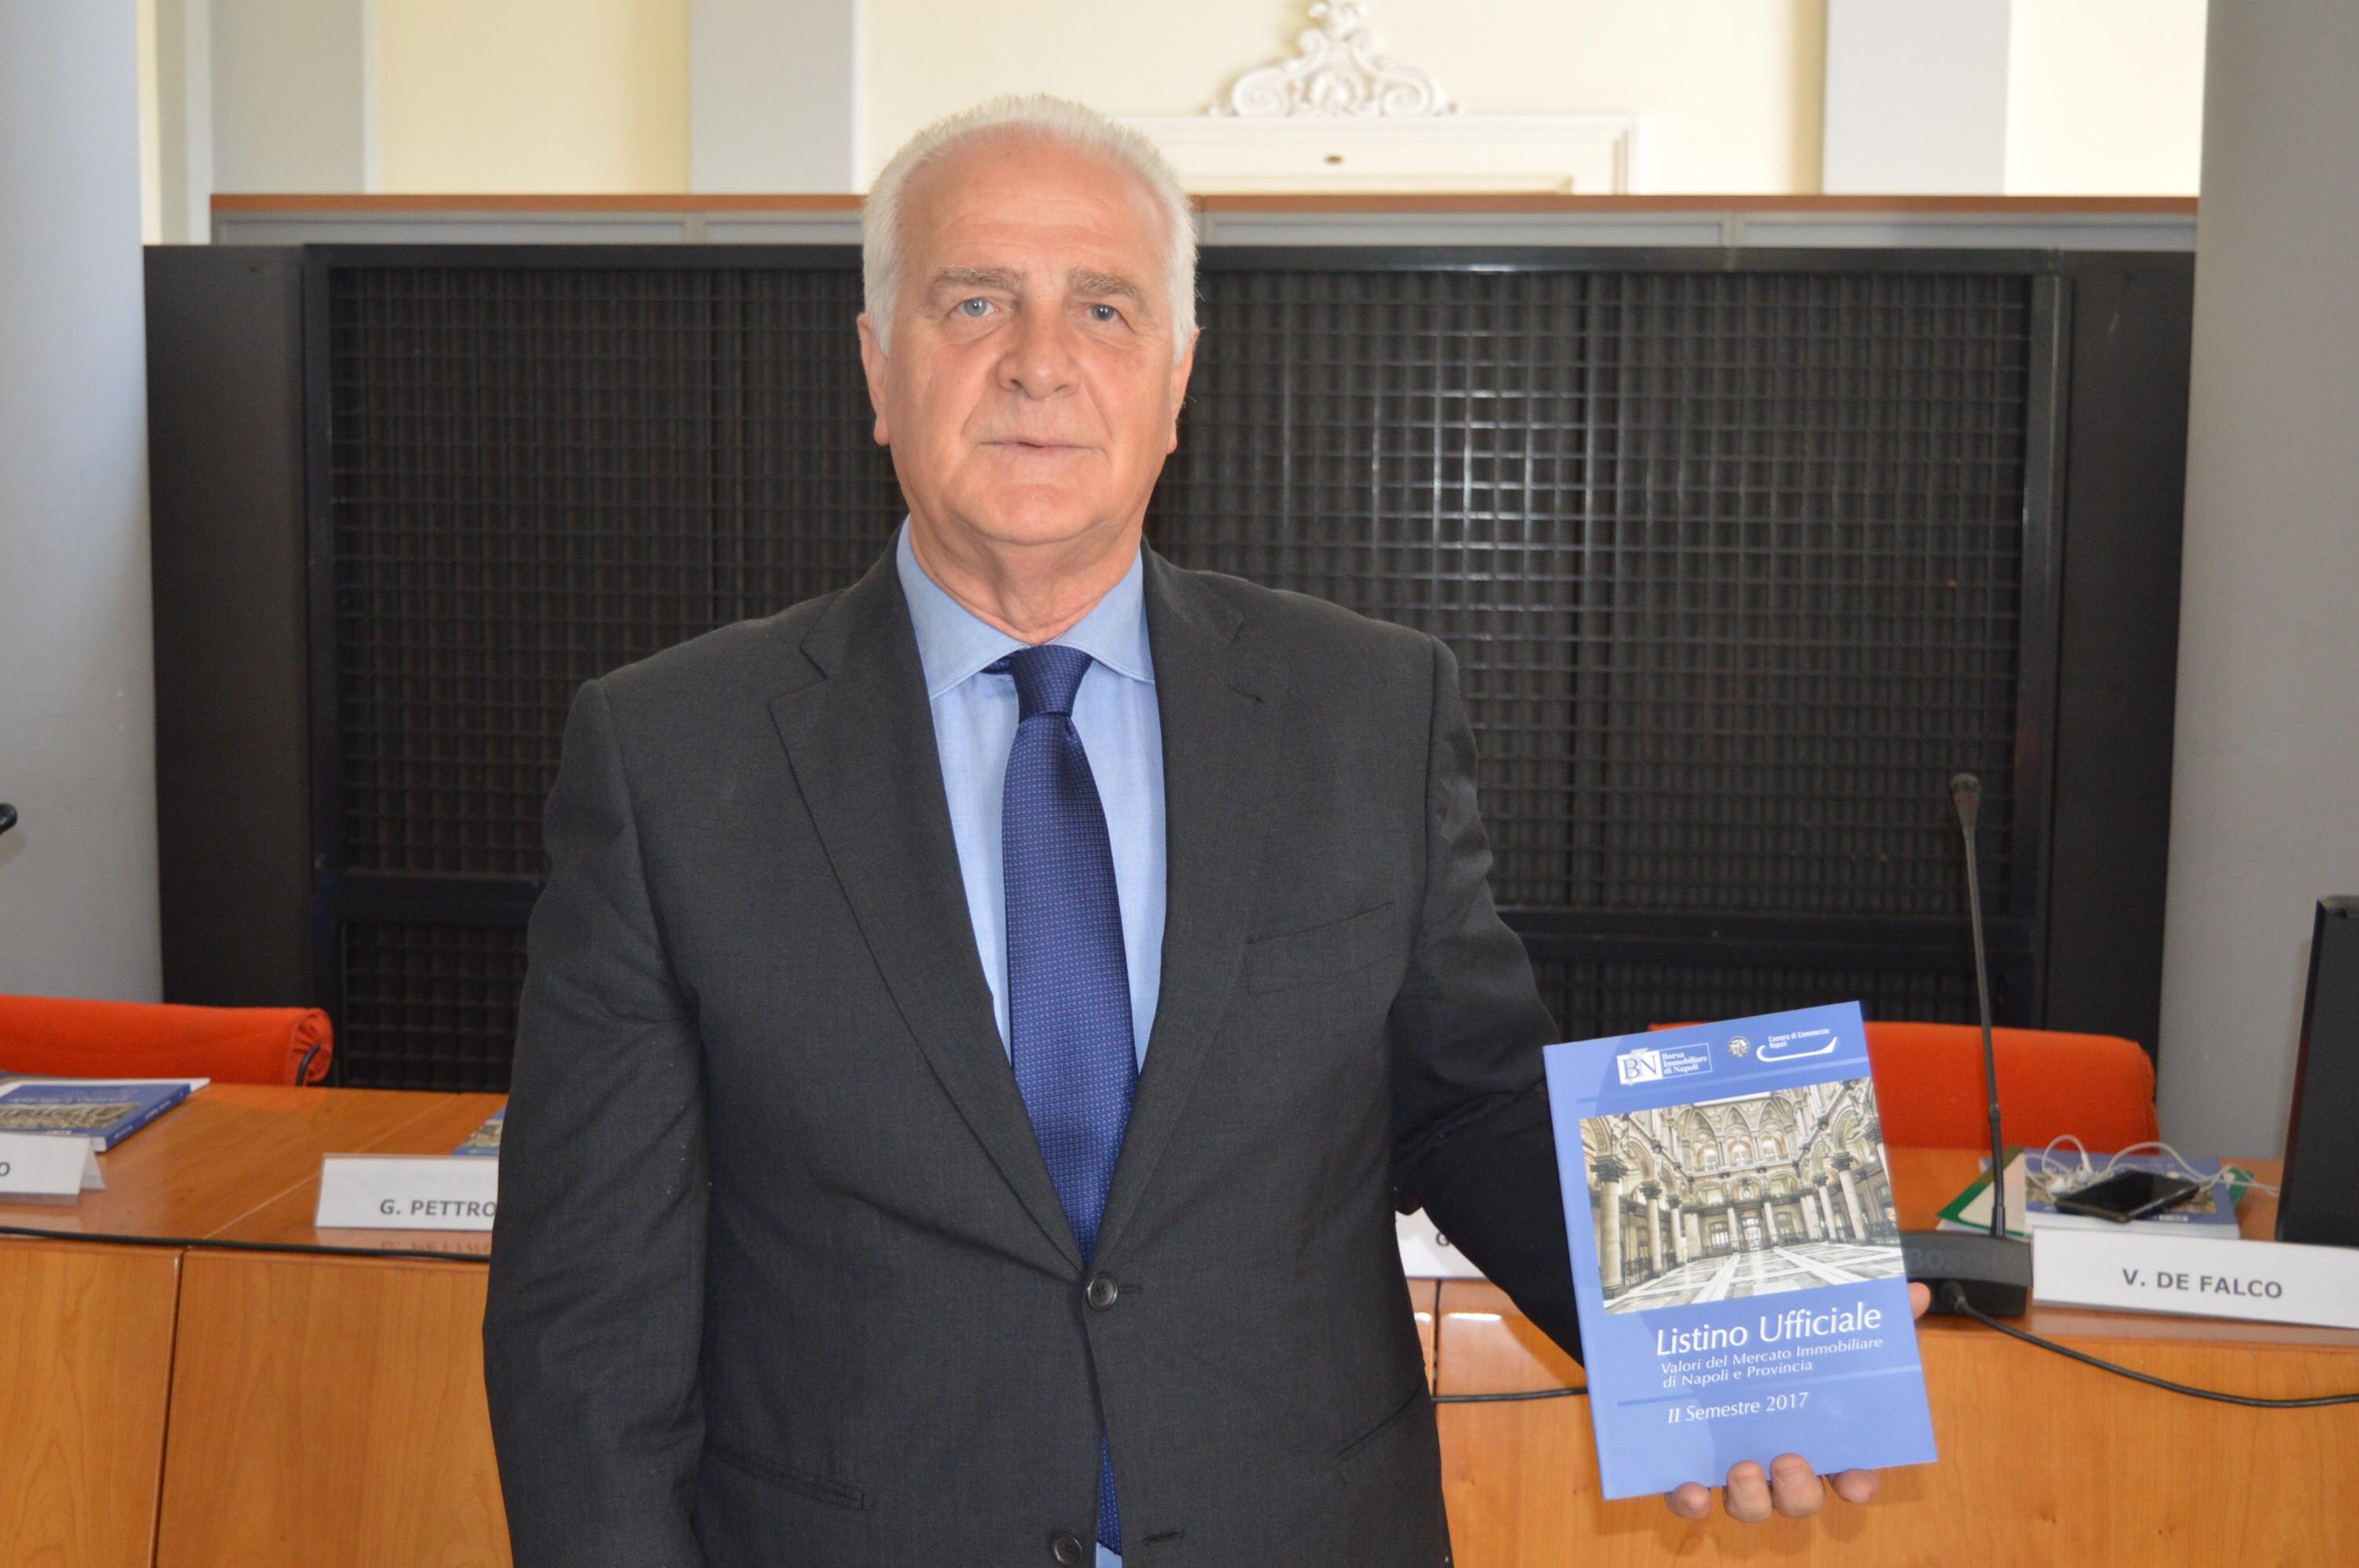 MeetIn Immobiliare al via con la presentazione del Listino Ufficiale dei Valori del mercato immobiliare di Napoli e provincia